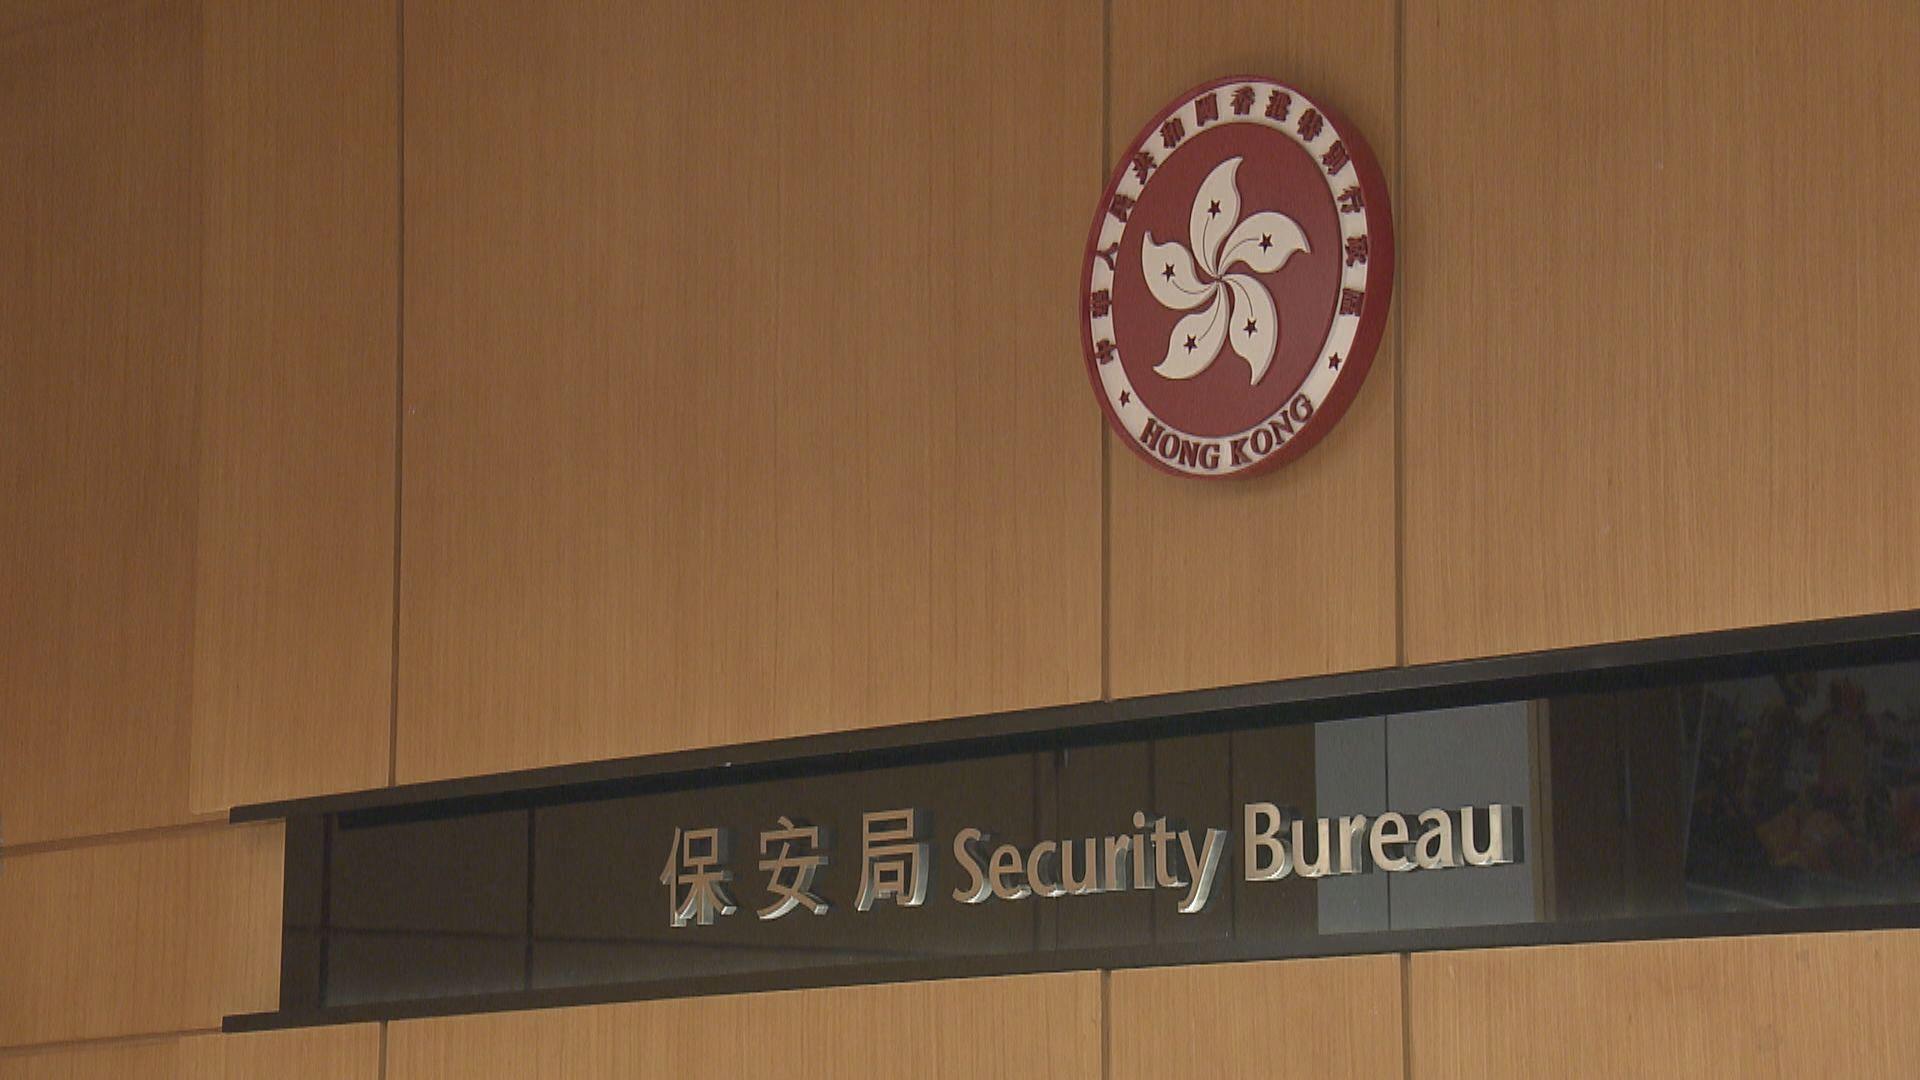 保安局:若台方原則上批准陳同佳入台 已可跟港警研行程安排